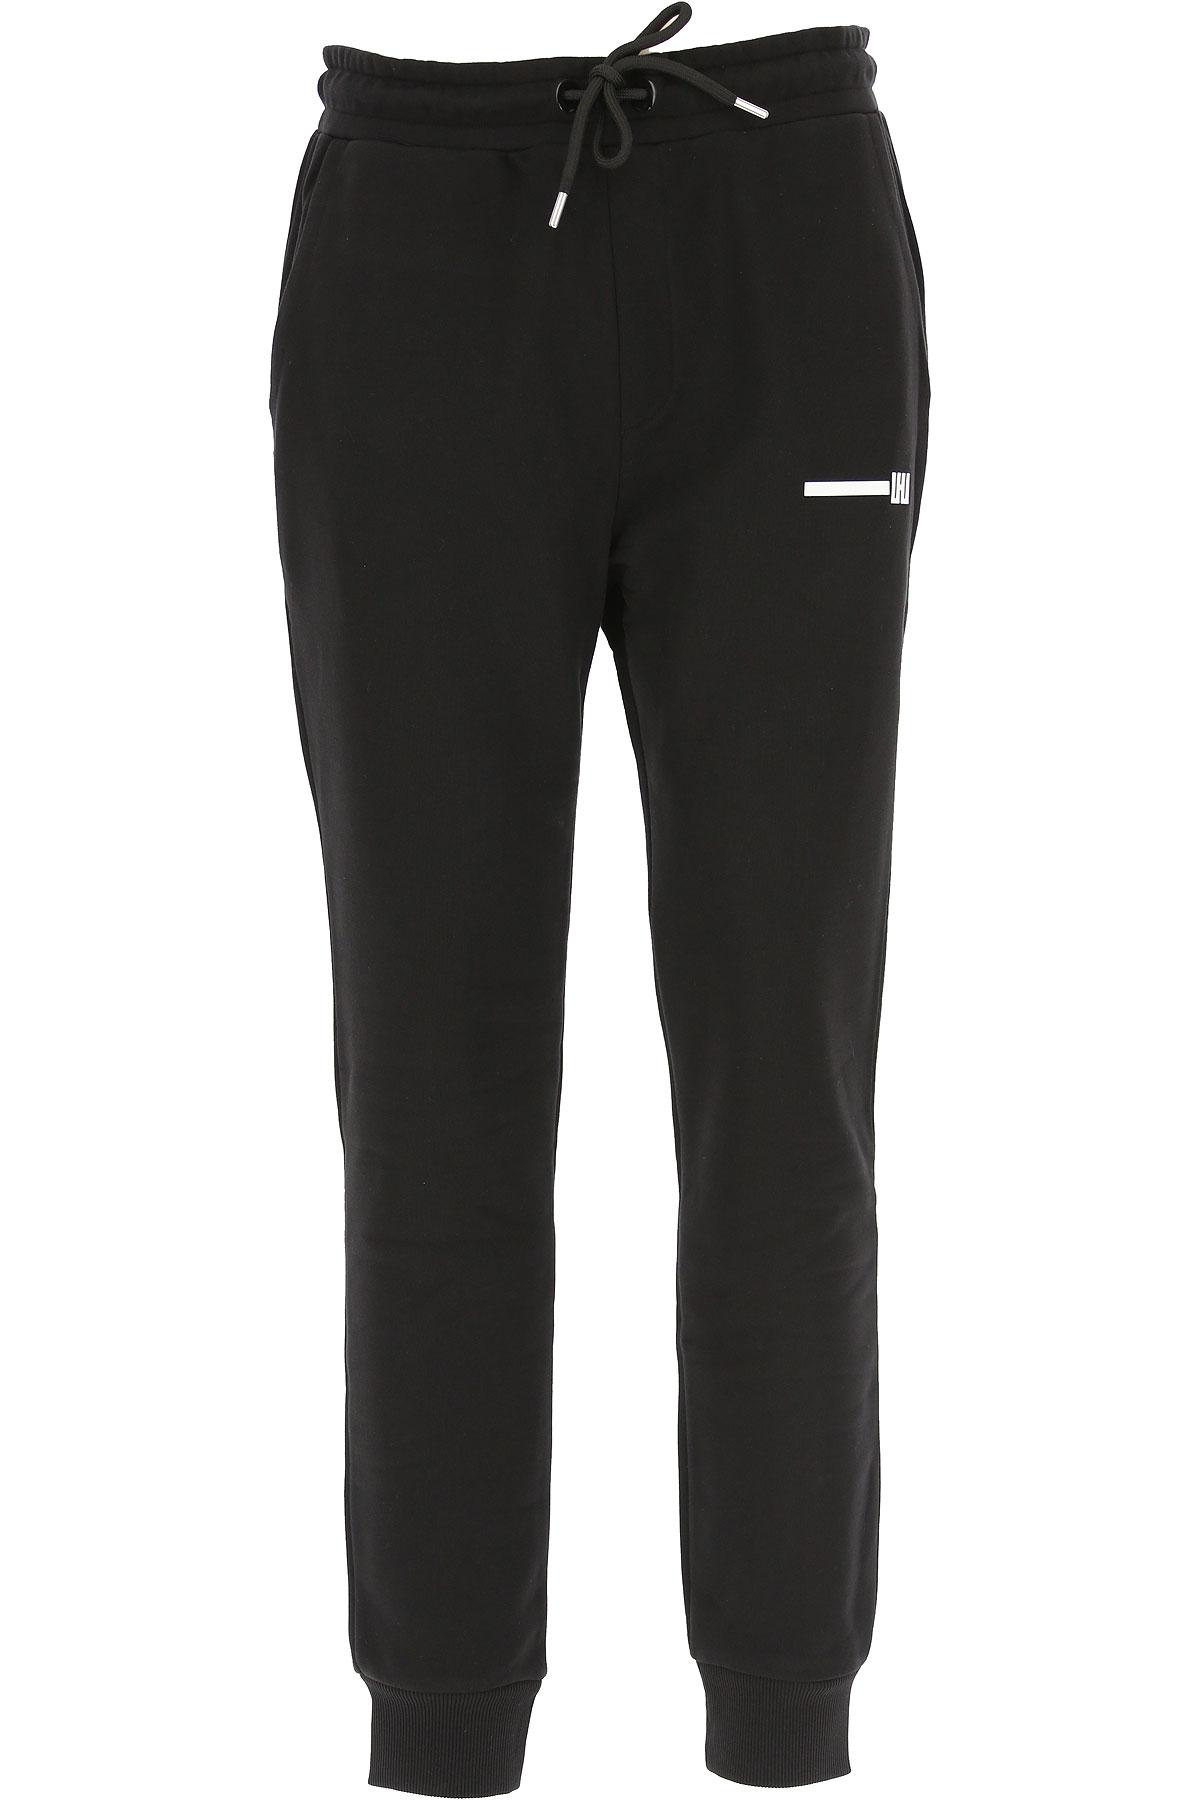 Les Hommes Mens Clothing On Sale, Black, Cotton, 2019, L XL